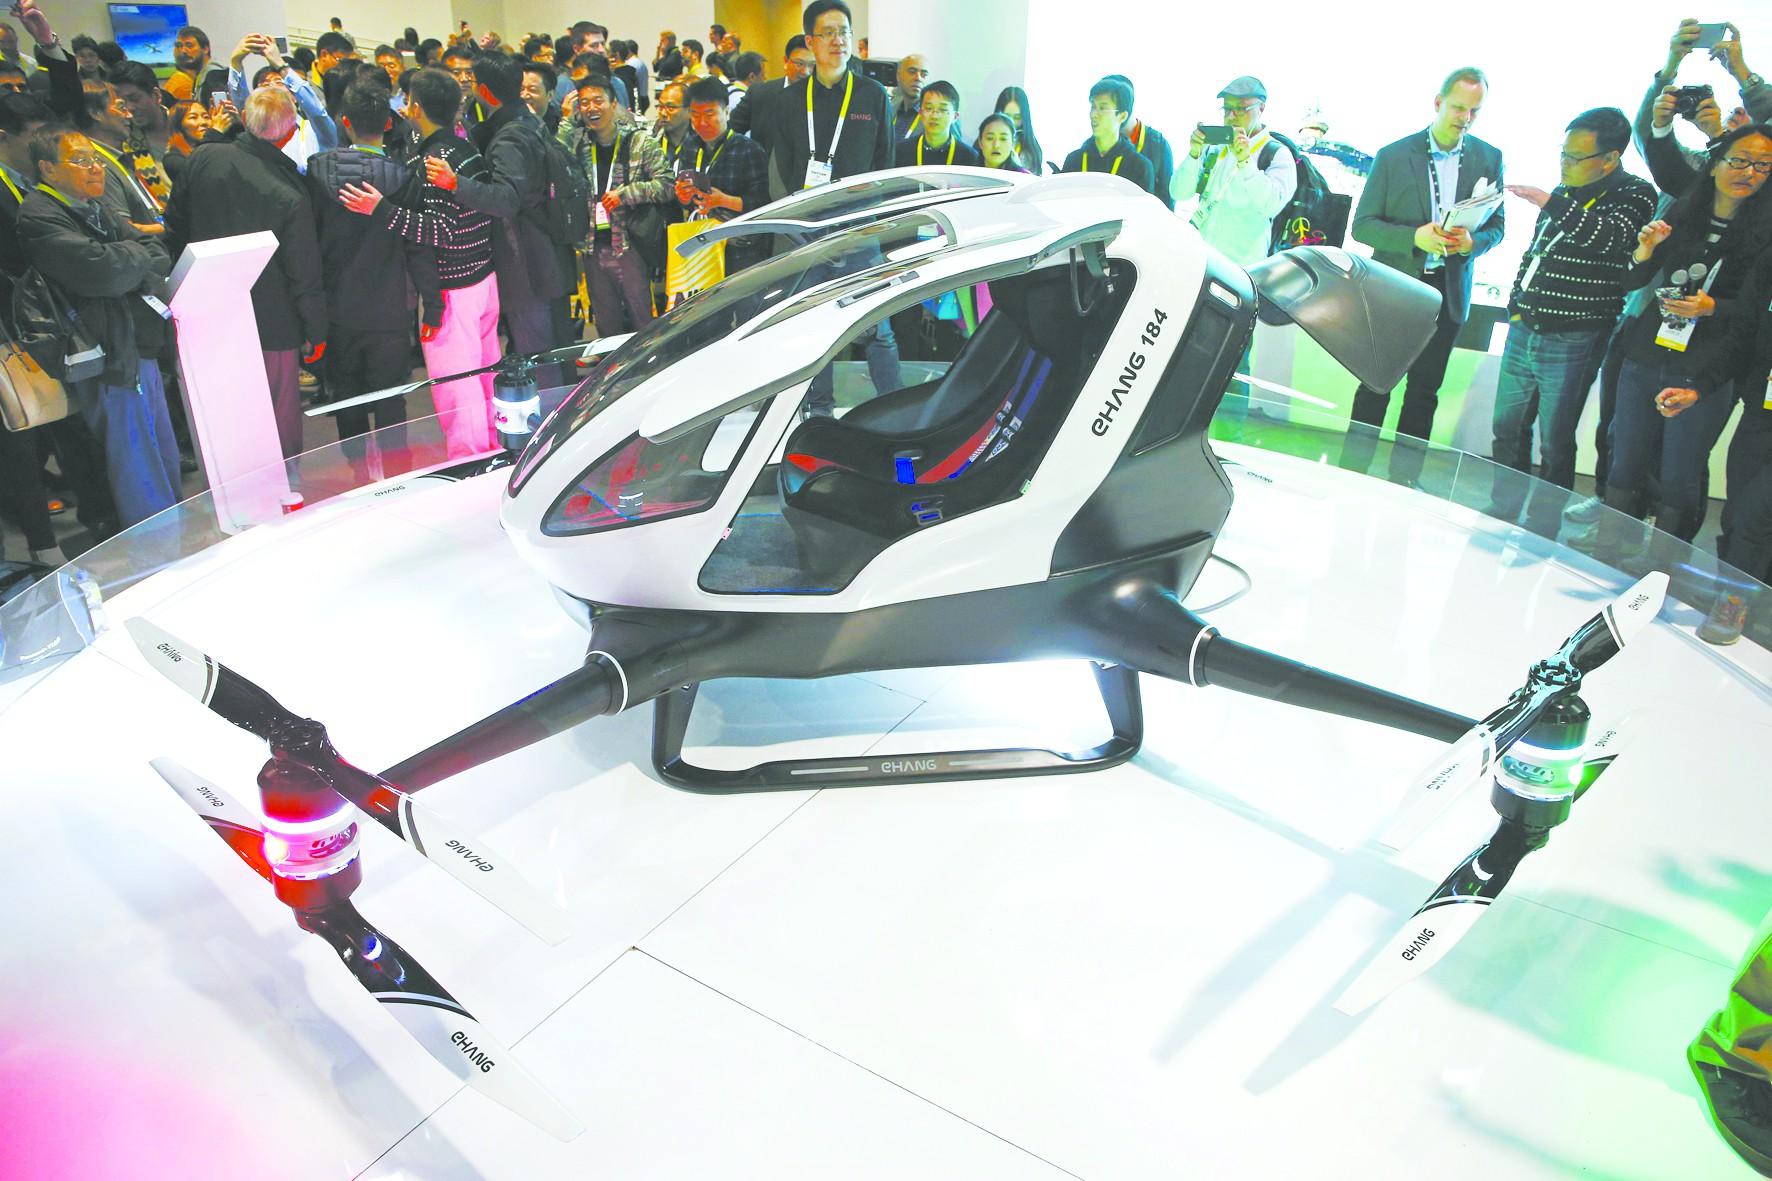 中国首款载人无人机亮相CES 续航力仍是大问题